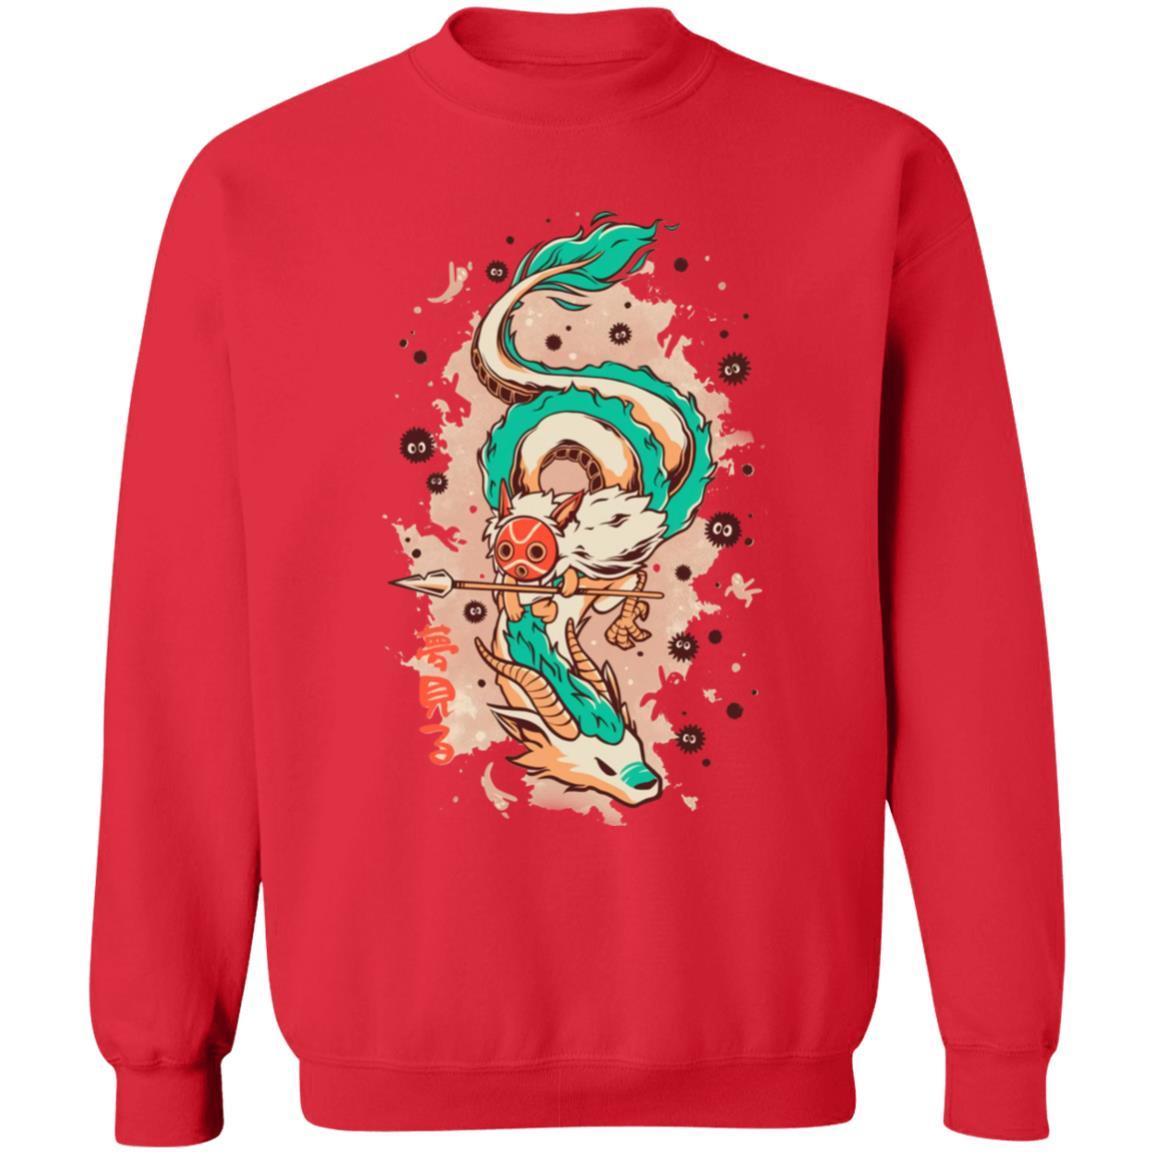 Princess Mononoke on the Dragon Sweatshirt